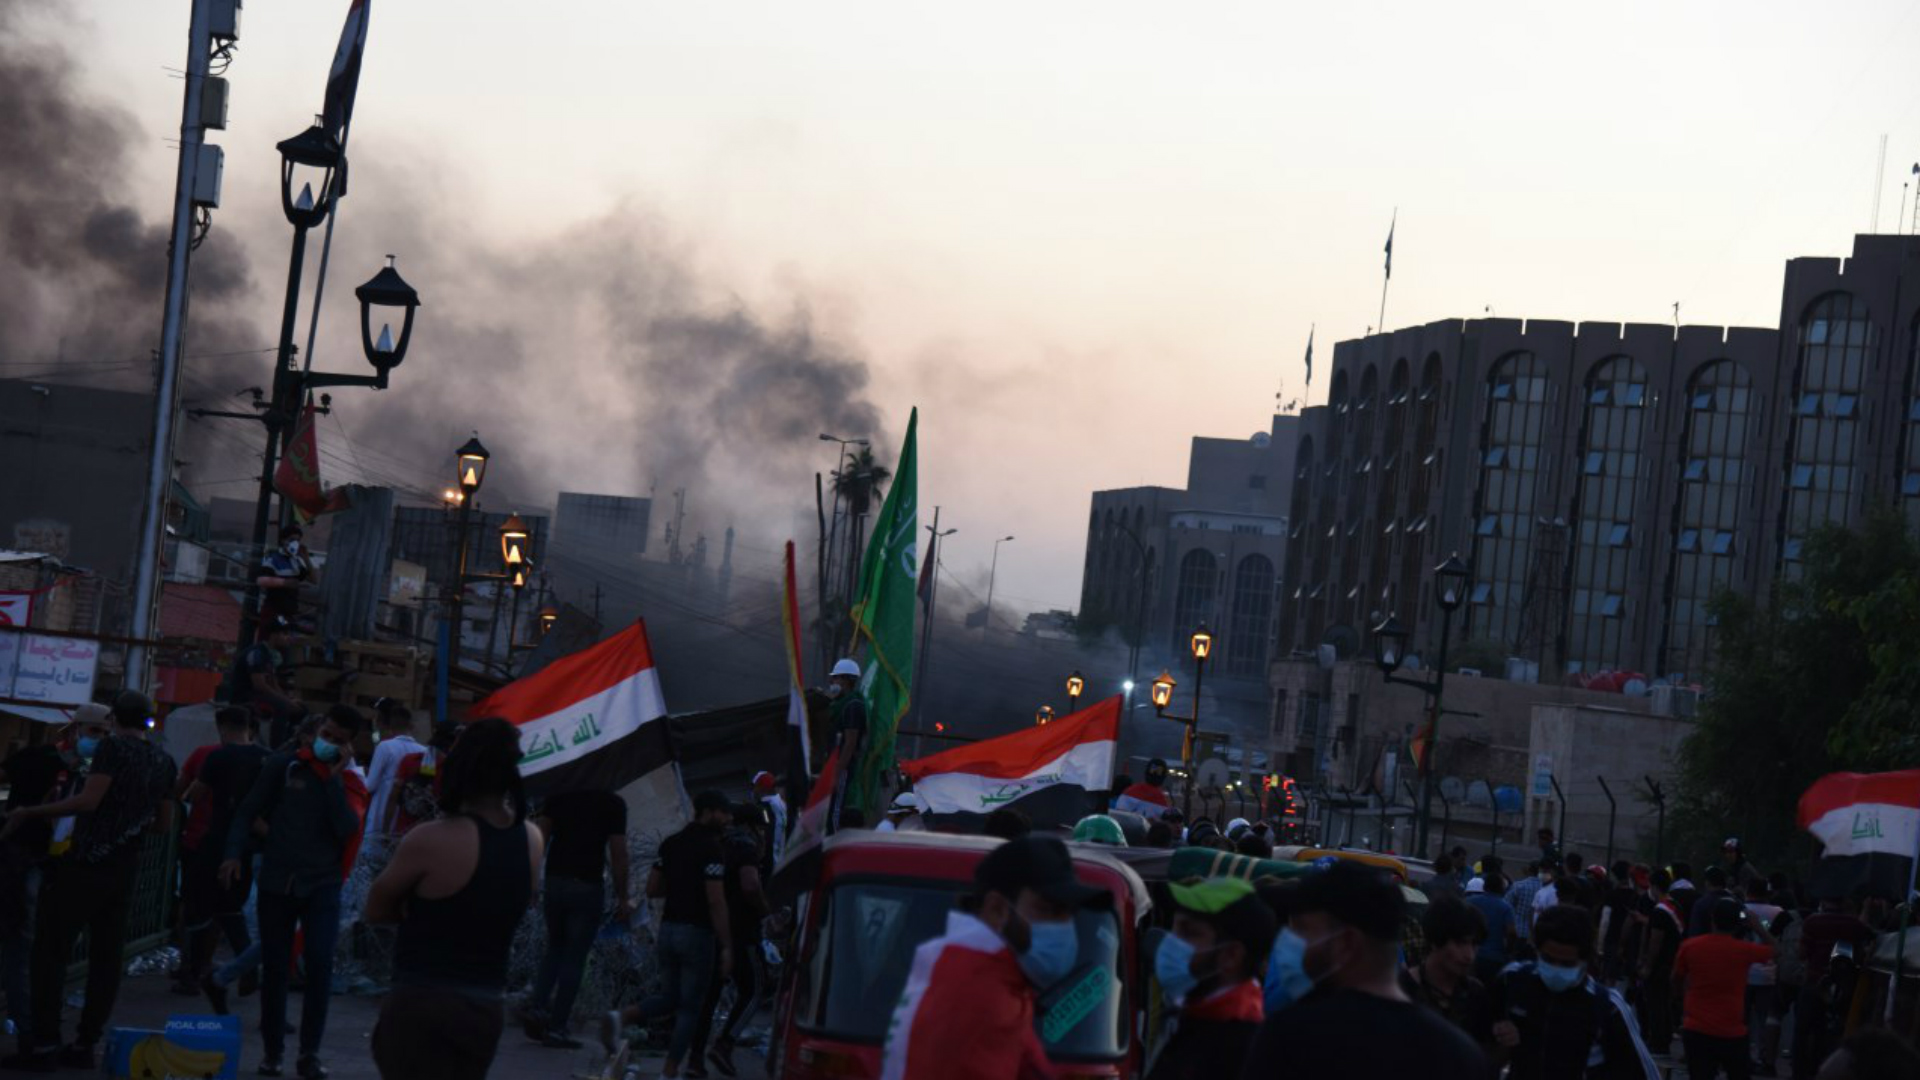 لجنة حقوق الإنسان النيابية تعلن حصيلة التظاهرات الأخيرة